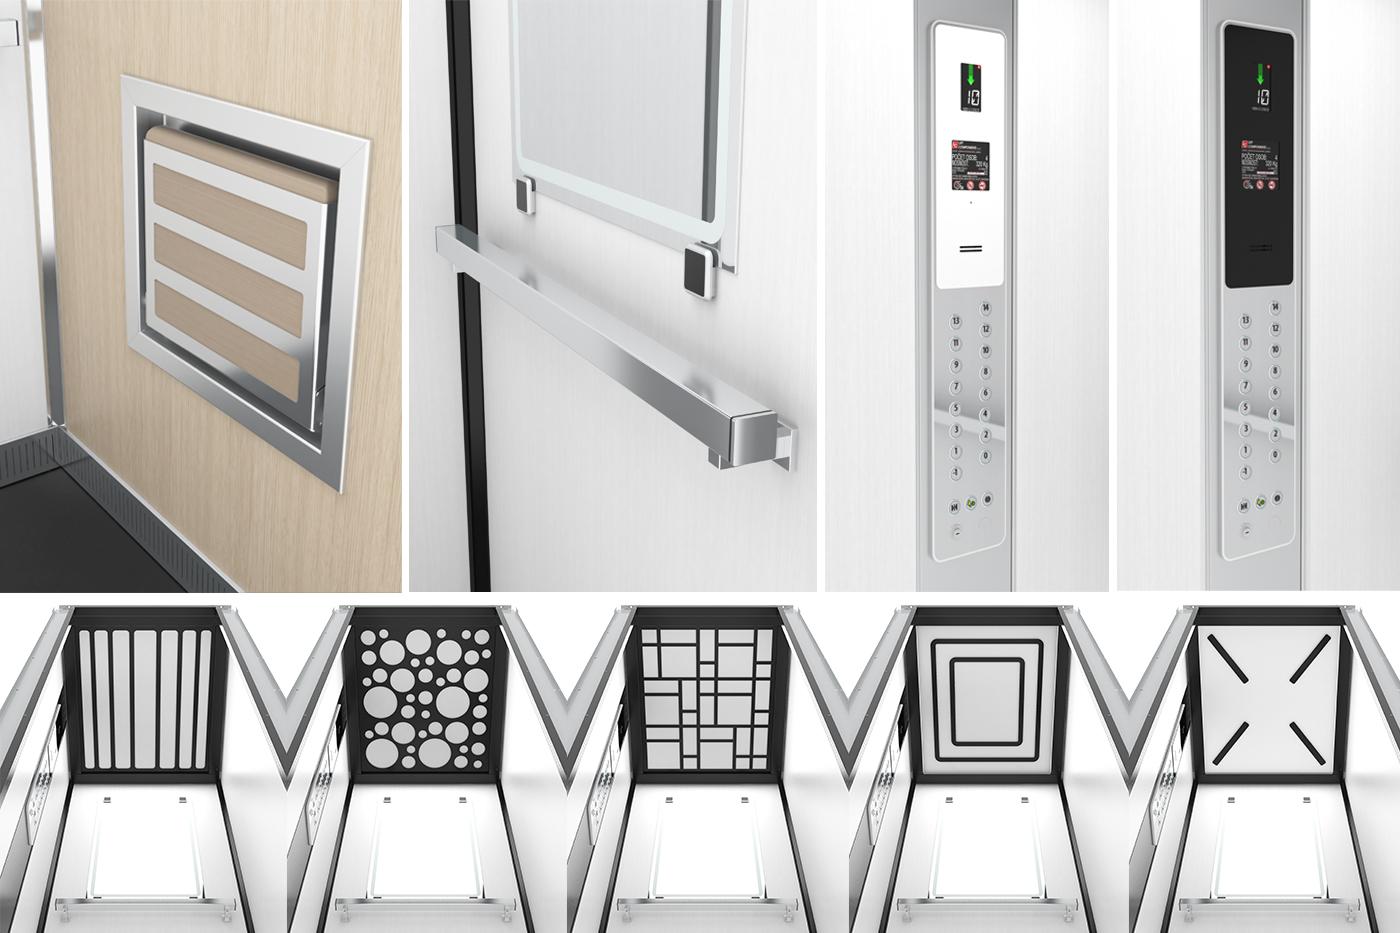 Kabiny mají tvarově a materiálově sladěné prvky a detaily. Ovládací panel je design firemních konstruktérů a po drobné tvarové korekci výborně zapadá do celkového designu kabiny. Vytvořil jsem několik designů stropních panelů spojených s osvětlením kabiny (zde je jen výběr).